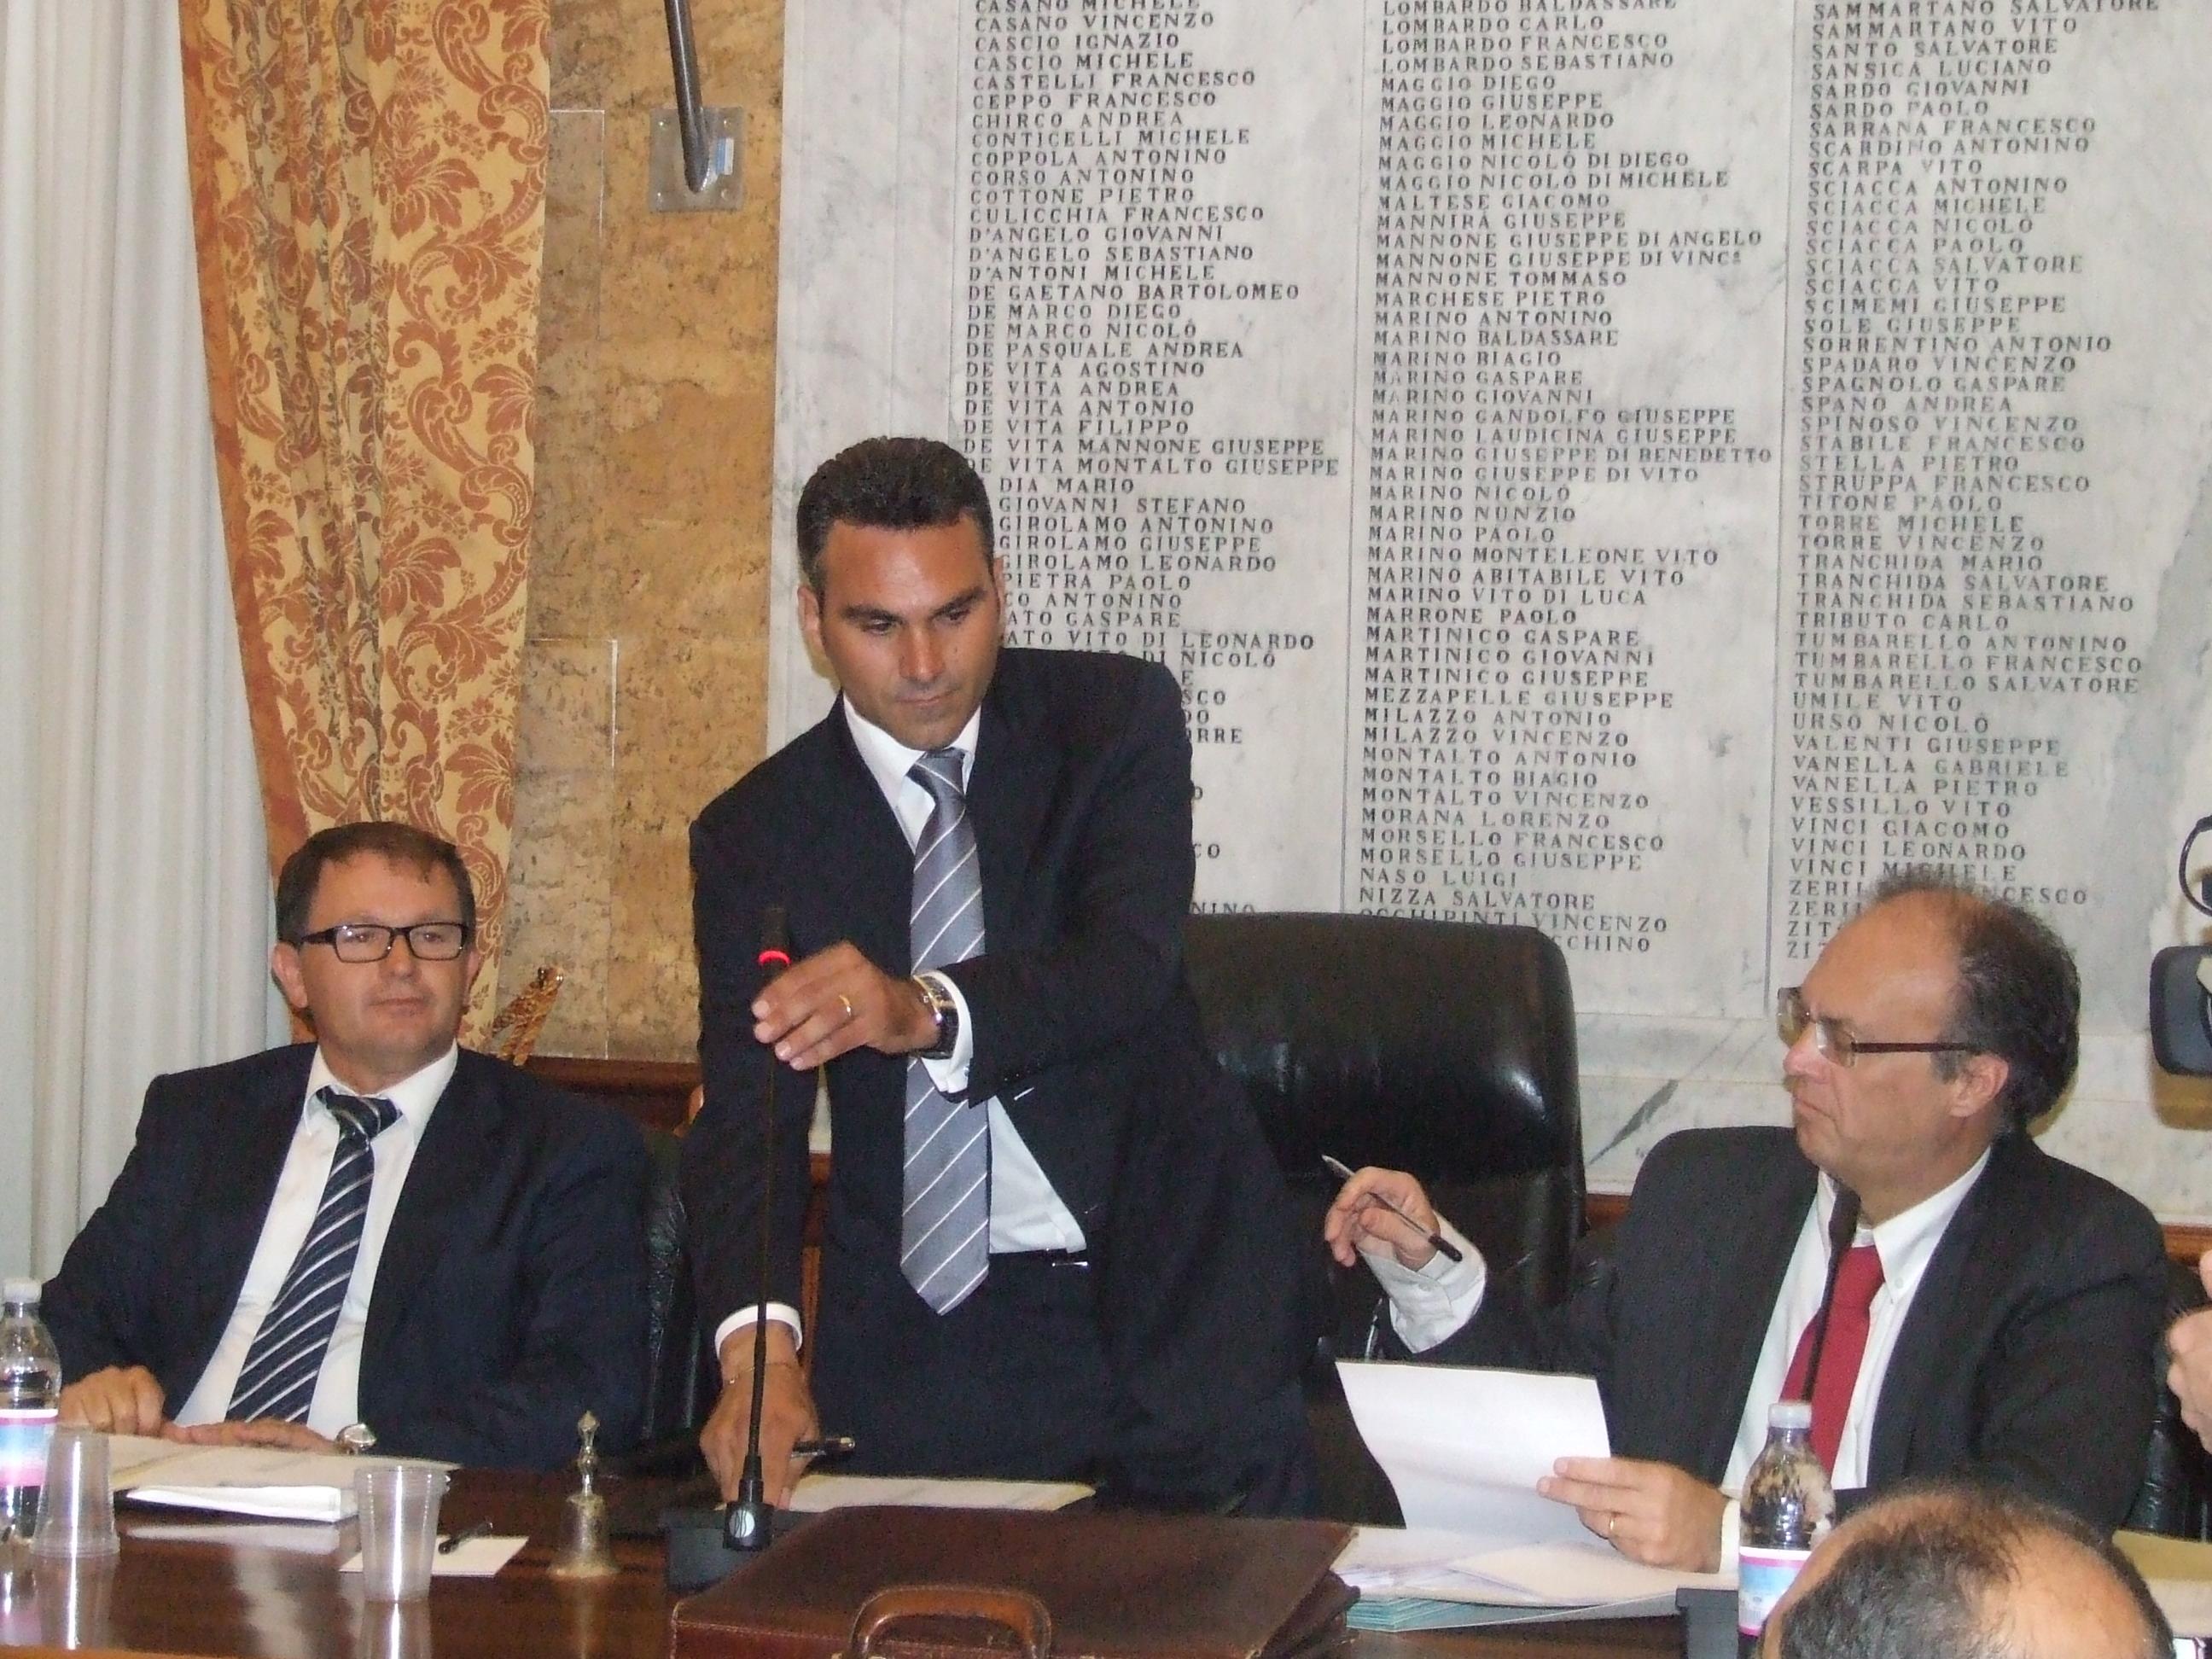 Torna a riunirsi il Consiglio comunale di Marsala. All'ordine del giorno, il Porto e il piano carburanti